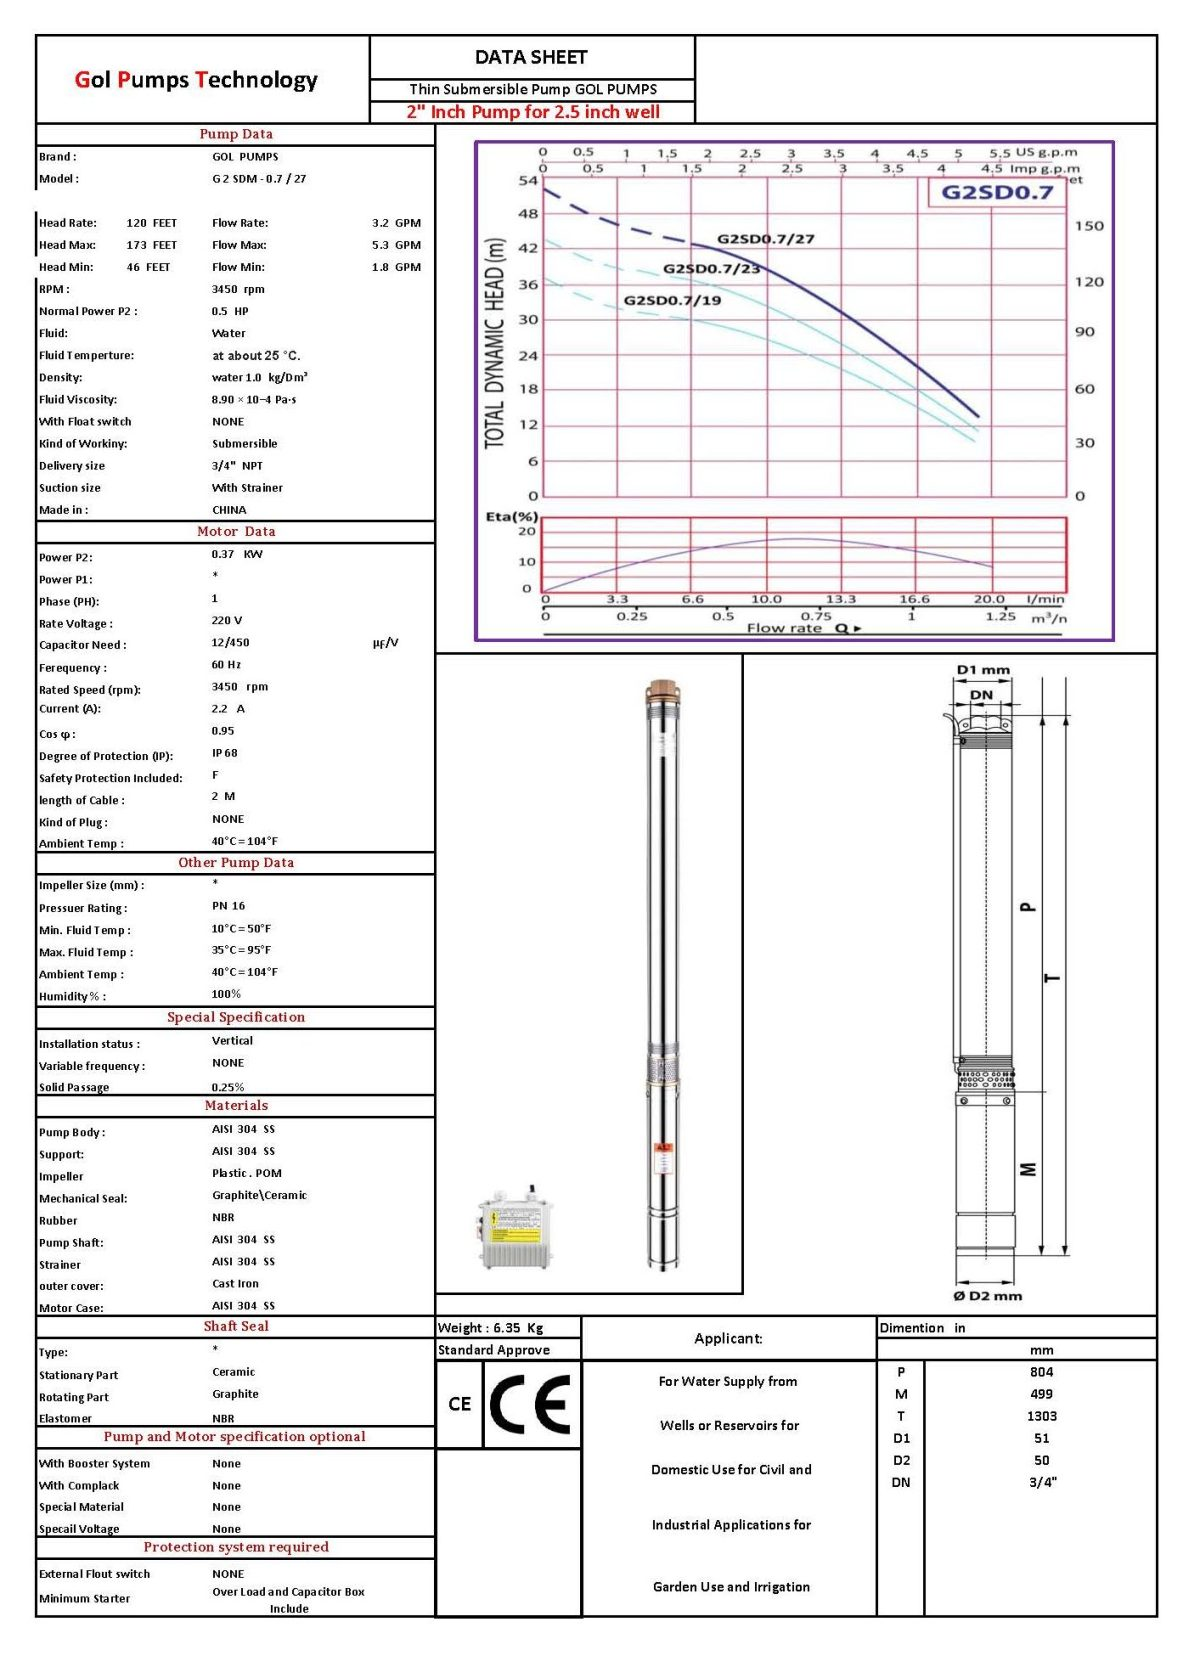 G2SDM 0.7 27 220 DATA SHEET e1607524791197